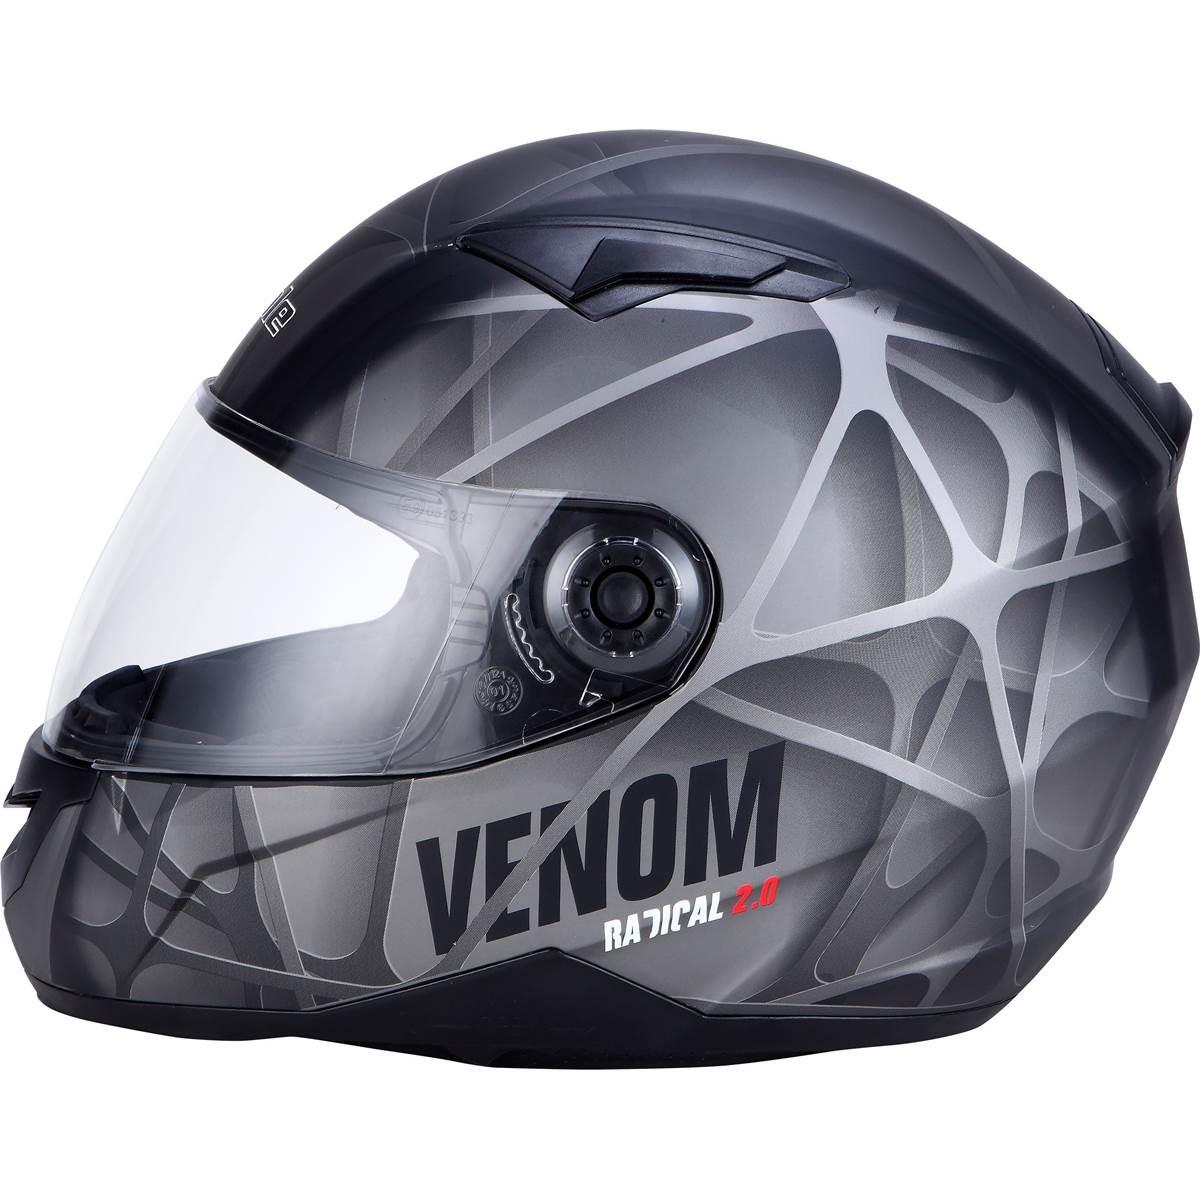 Casque Moto Intégral Ds Venom Taille S Eole Feu Vert